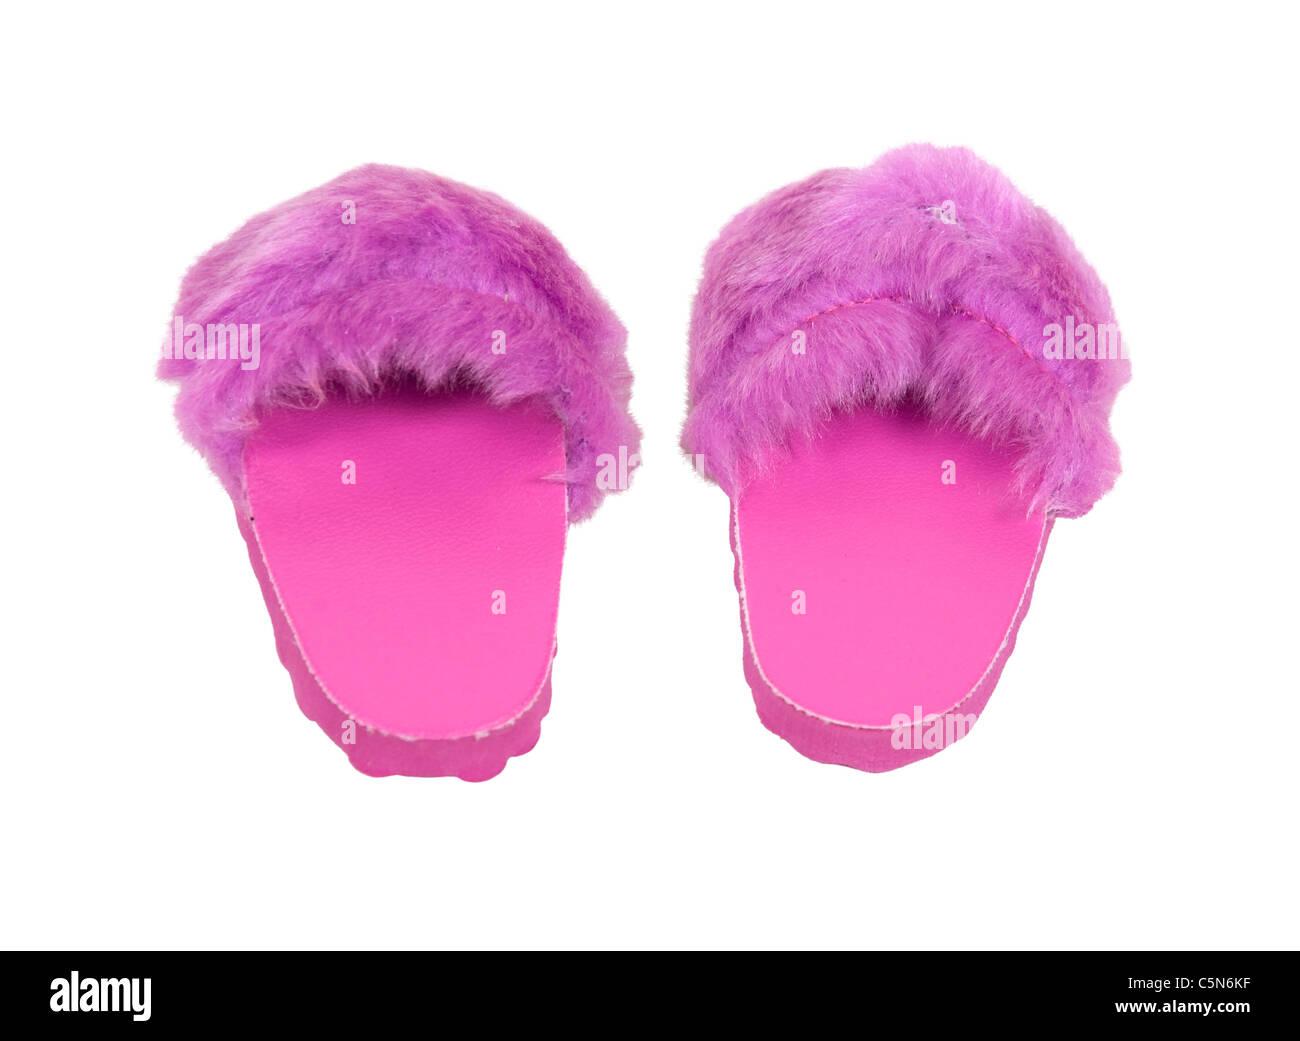 Fuzzy zapatillas rosa listos para llevar a casa cuando relajarse en lujo - Ruta incluida Imagen De Stock